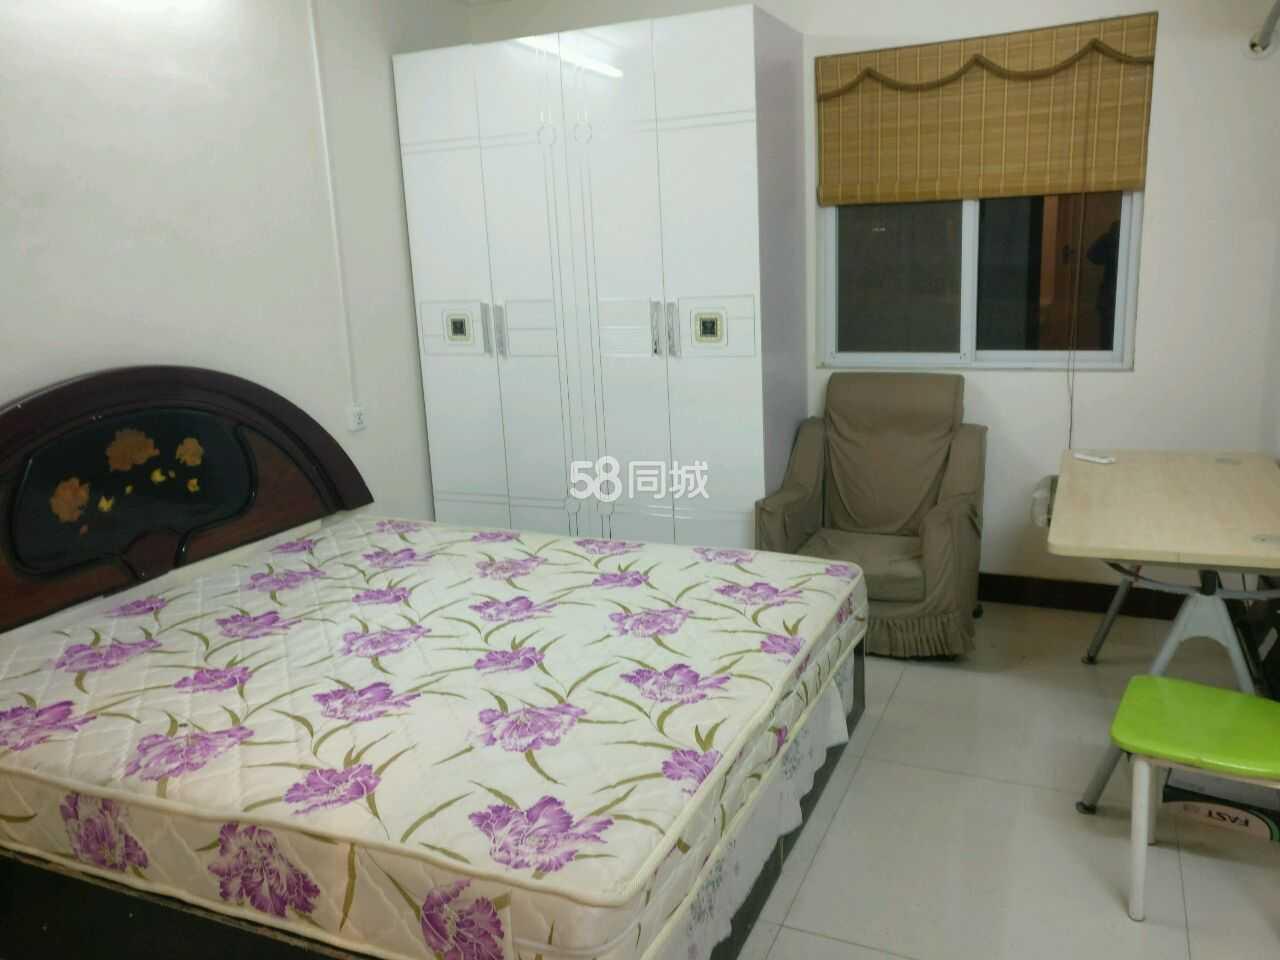 汝阳县隆盛路1室2厅1卫